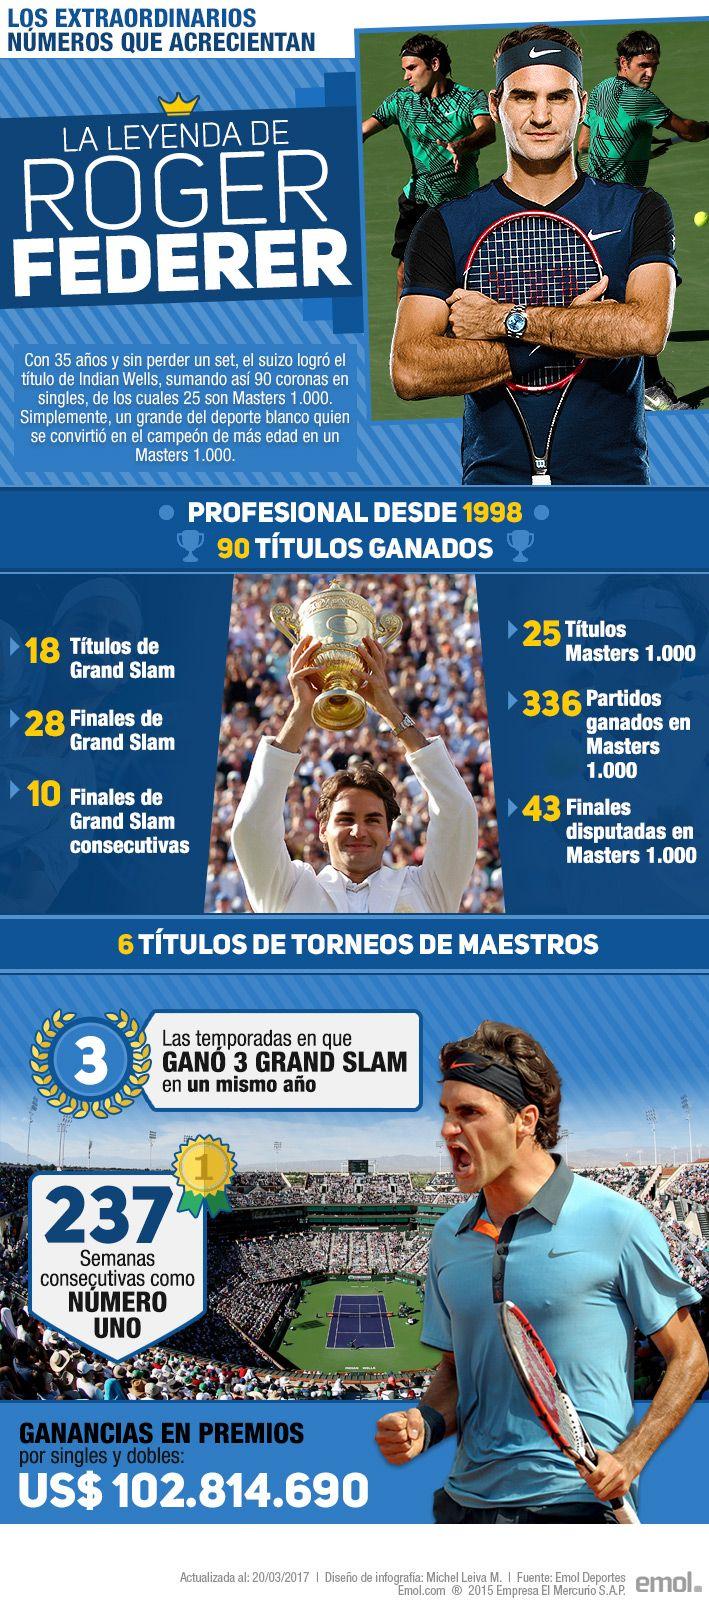 Los espectaculares números que siguen acrecentando la leyenda de Roger Federer en el tenis mundial | Emol.com